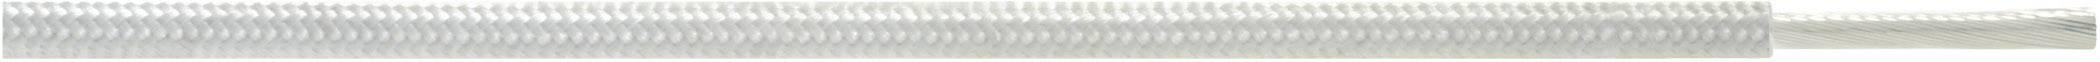 Vysokoteplotný drôt LappKabel 0091353 ÖLFLEX® HEAT 350 SC, 1 x 1.50 mm², vonkajší Ø 3.50 mm, metrový tovar, biela